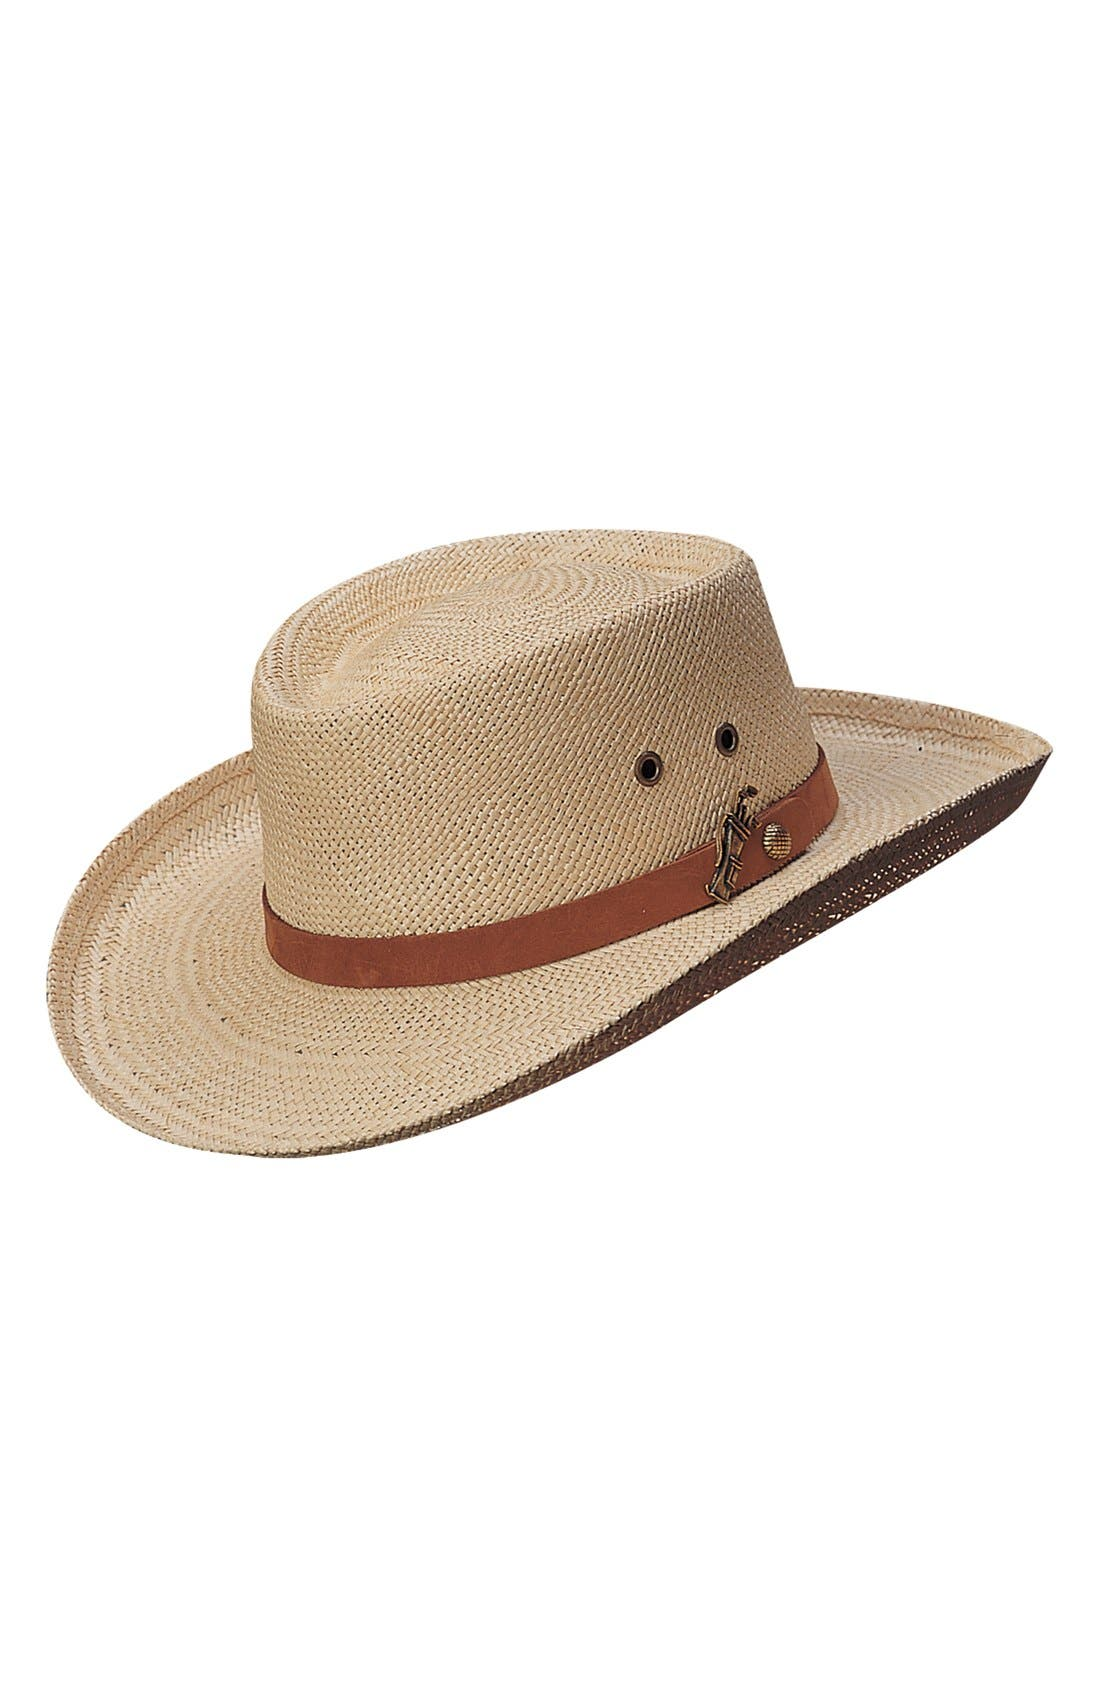 Palm Gambler Hat,                             Main thumbnail 1, color,                             NATURAL